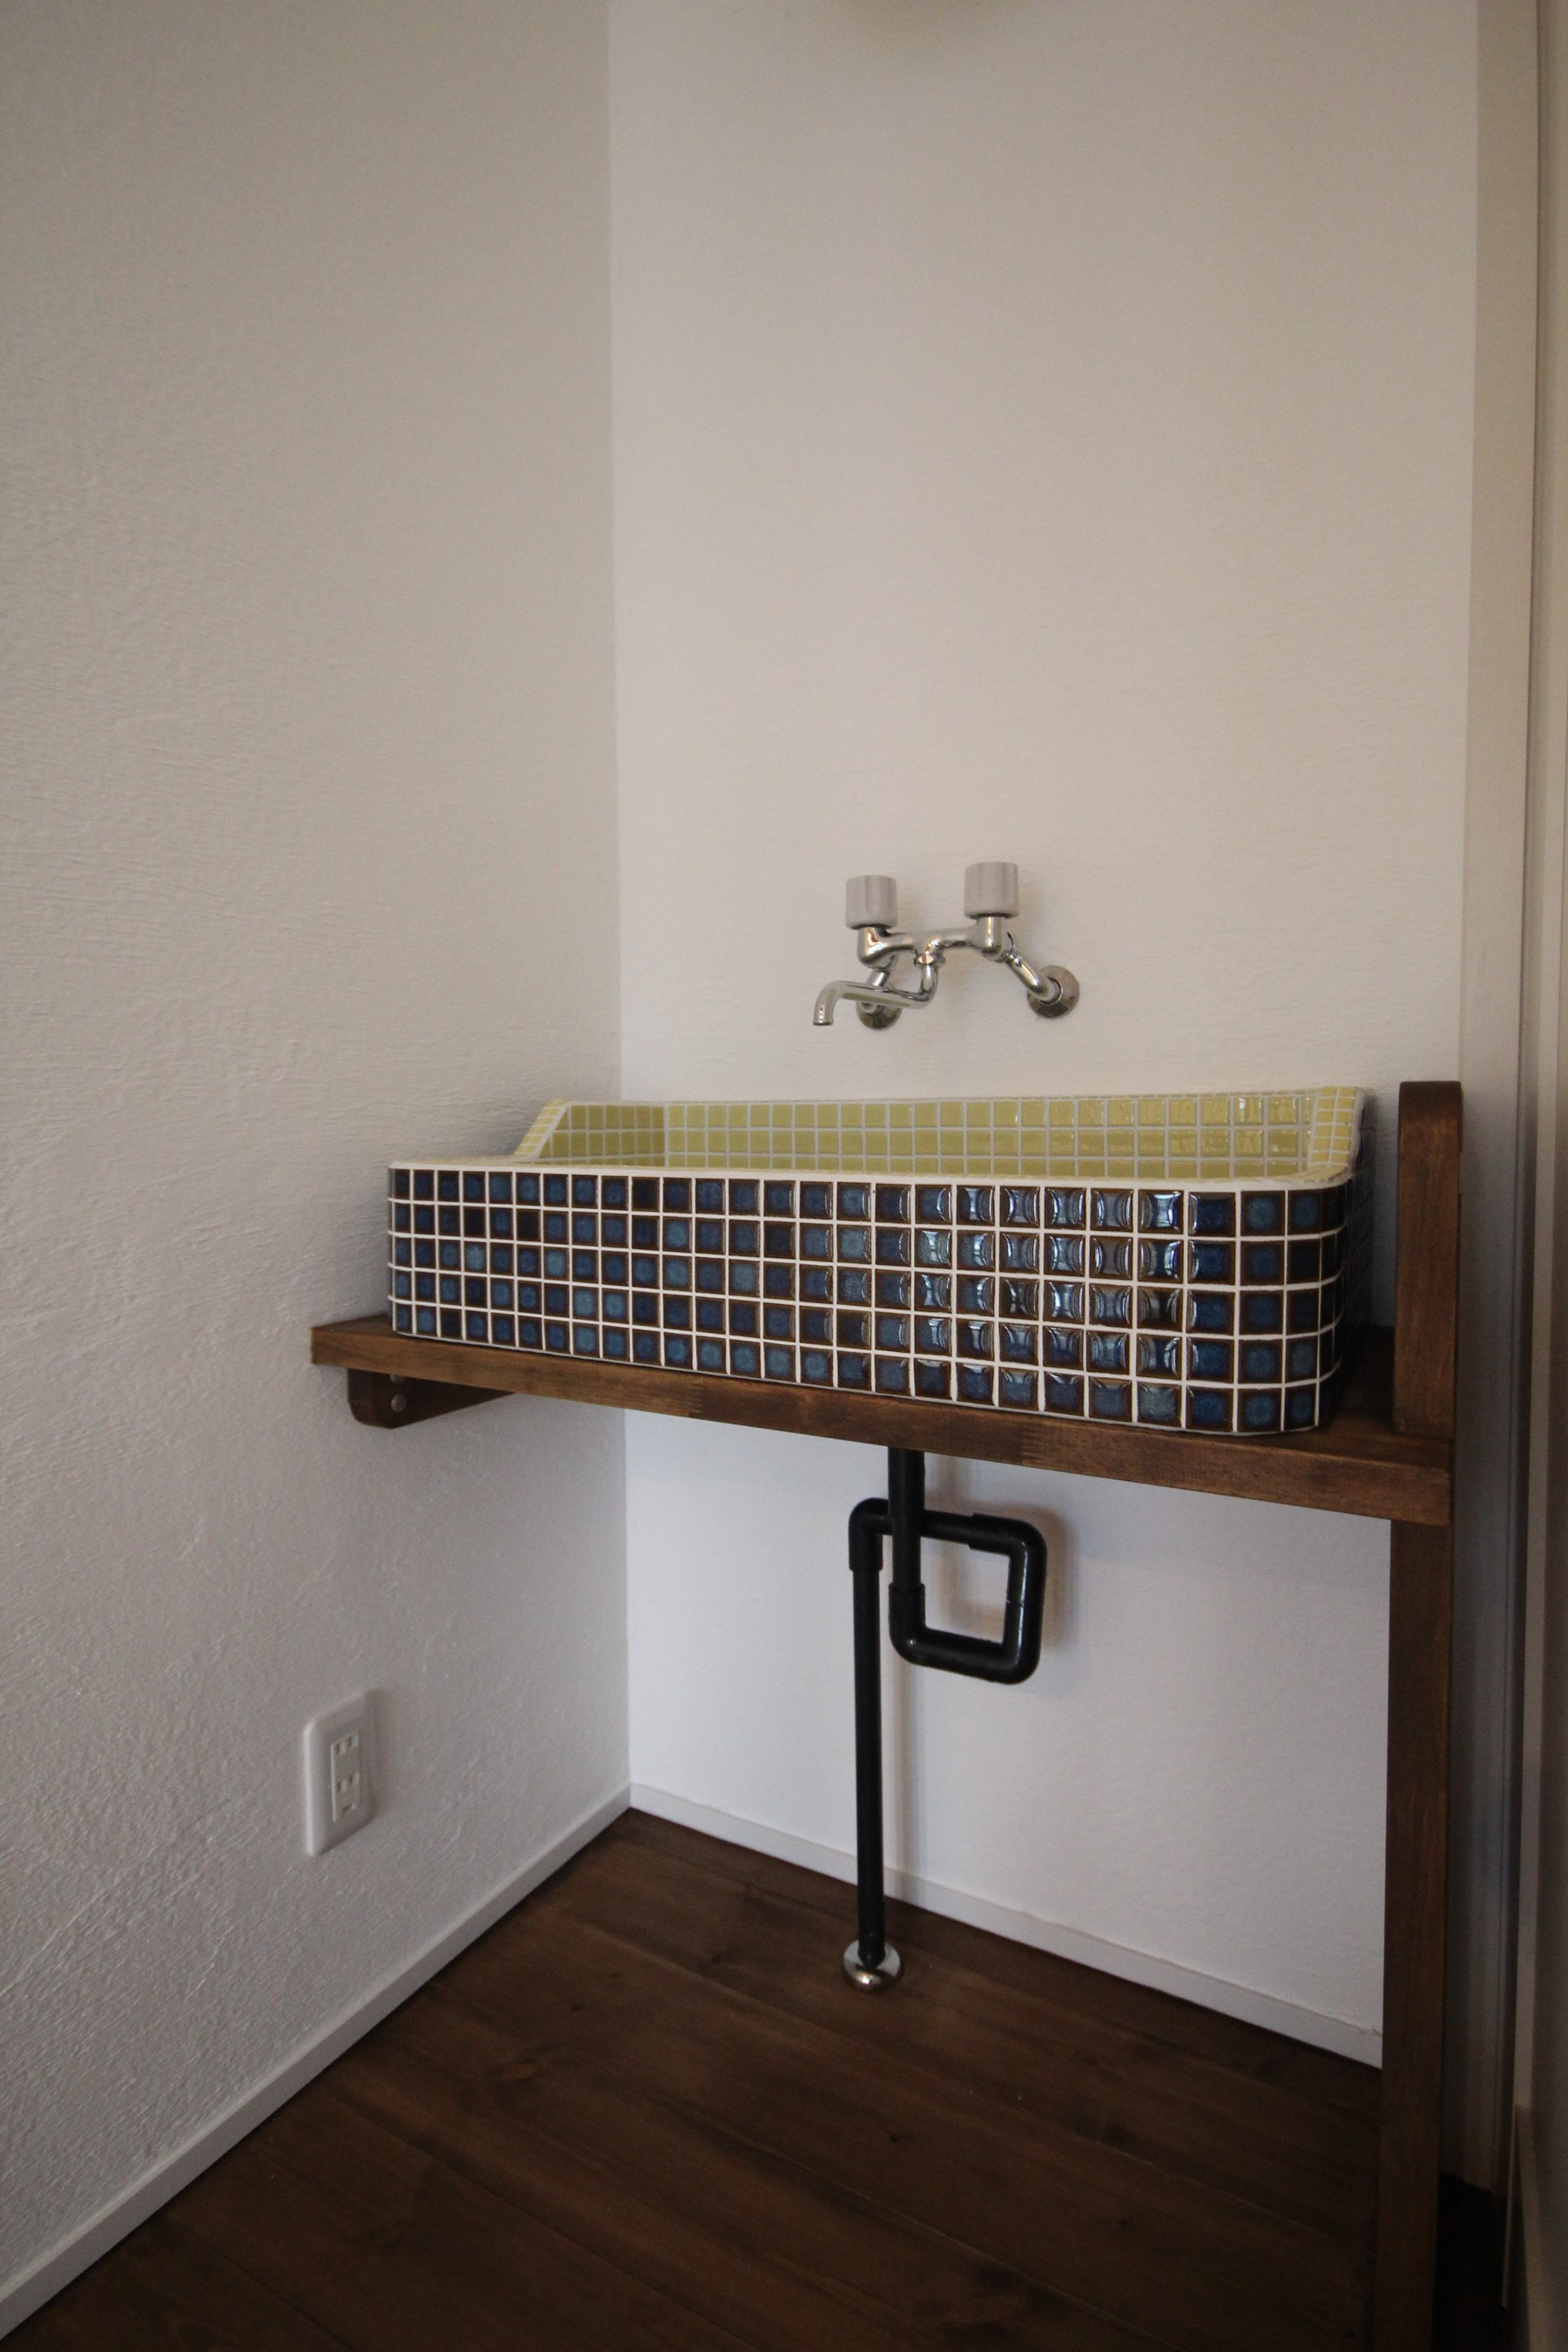 大分市S様邸中古住宅フルリノベーションアフター写真その他11